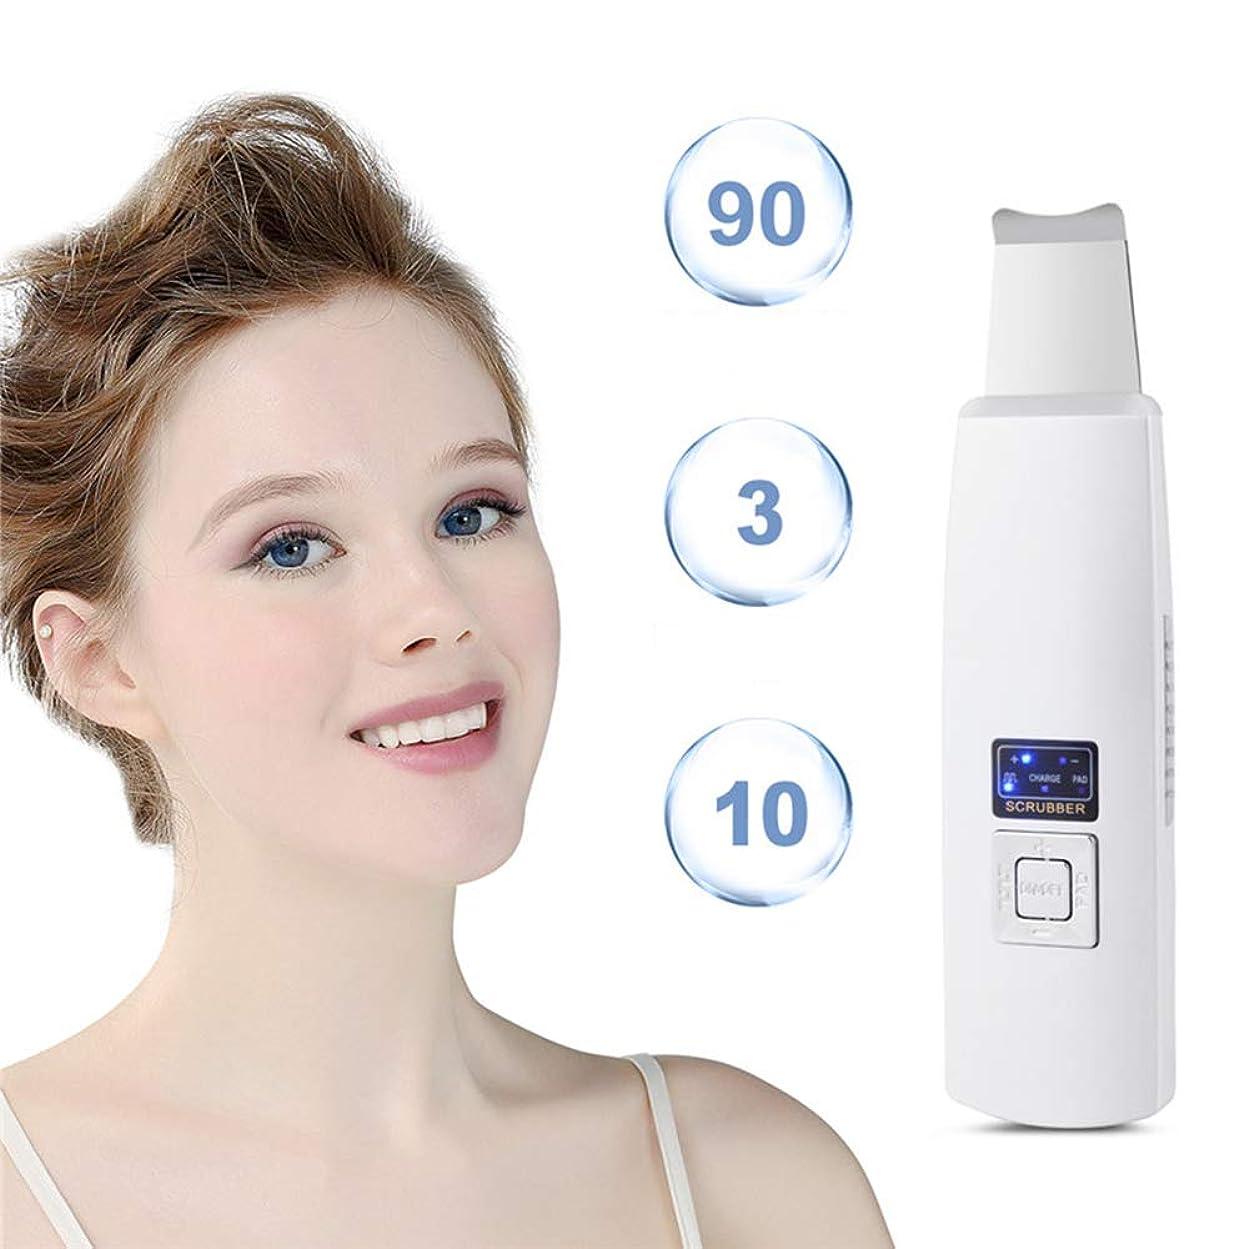 バッテリー入場料判決毛穴の深さの清潔になることおよび顔の持ち上がることのために再充電可能な携帯用皮のスクラバーの剥離剤にきびの除去剤の表面皮のへら